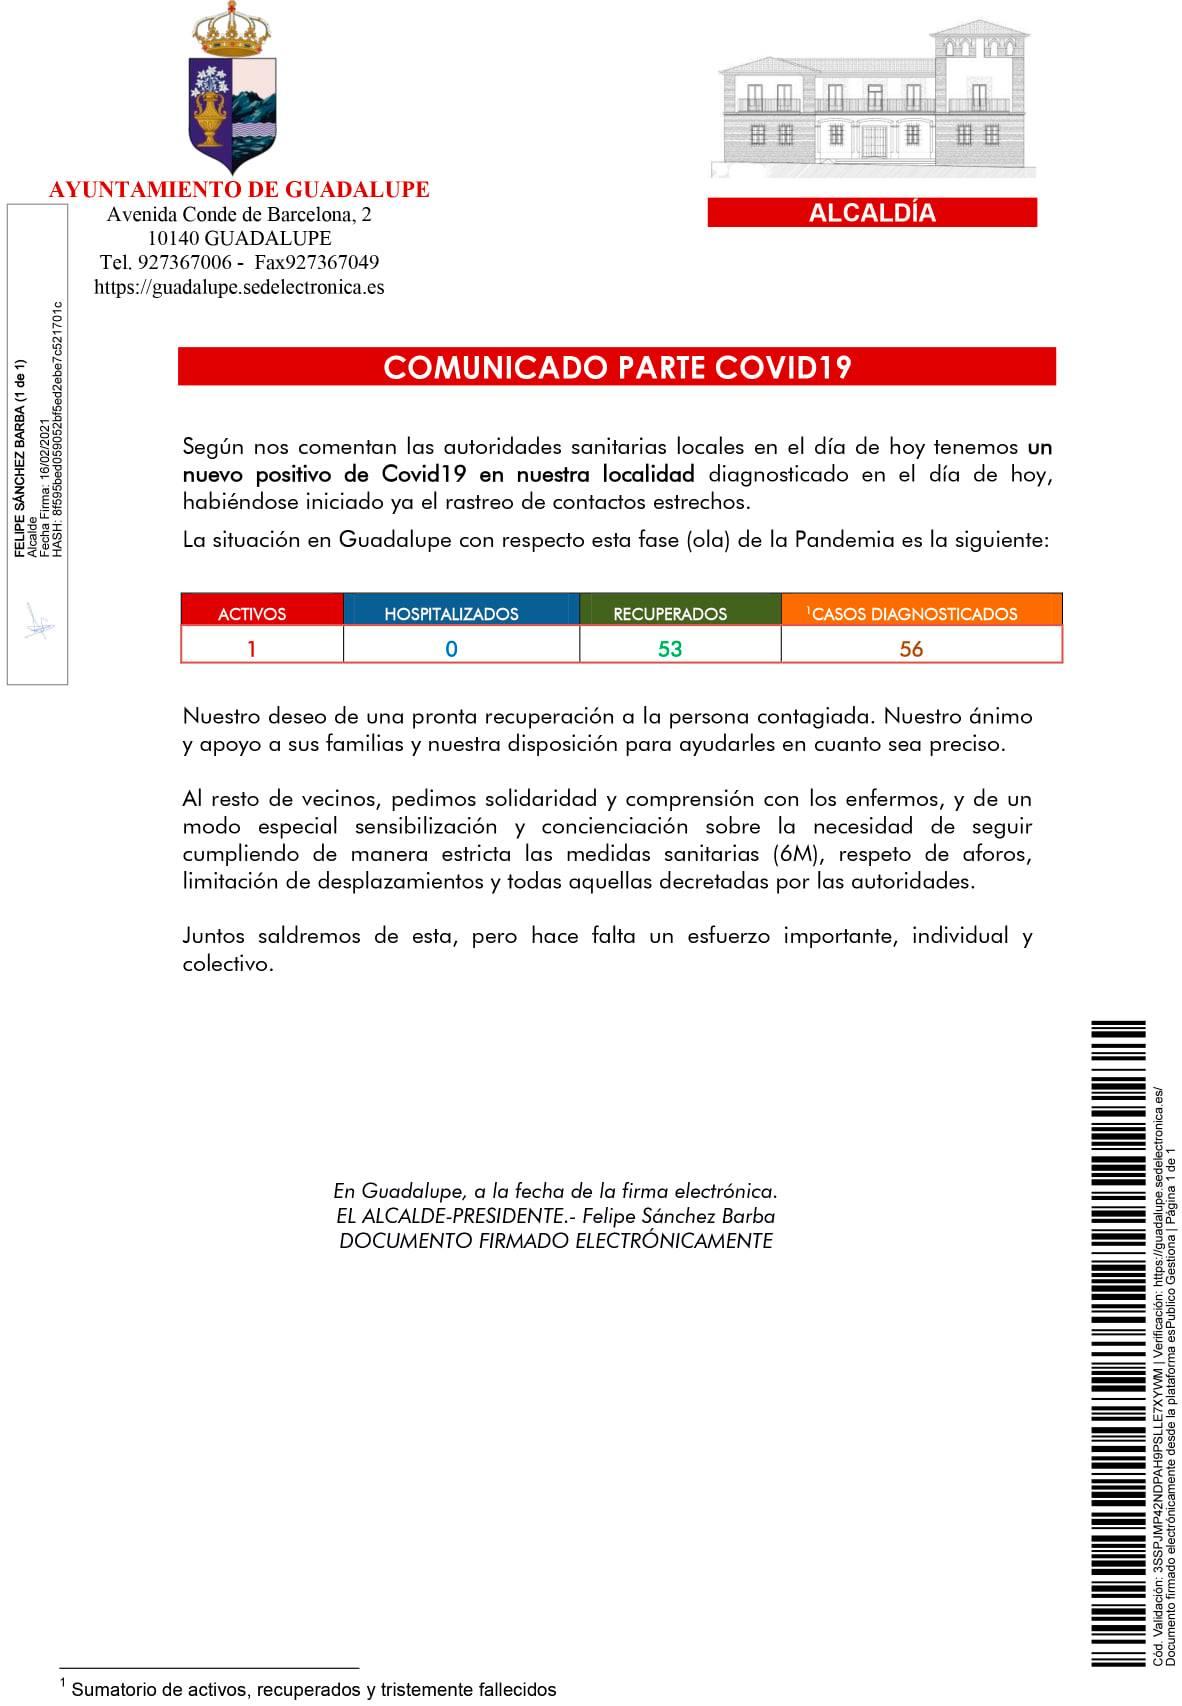 Nuevo caso positivo y cribado de COVID-19 (febrero 2021) - Guadalupe (Cáceres) 1